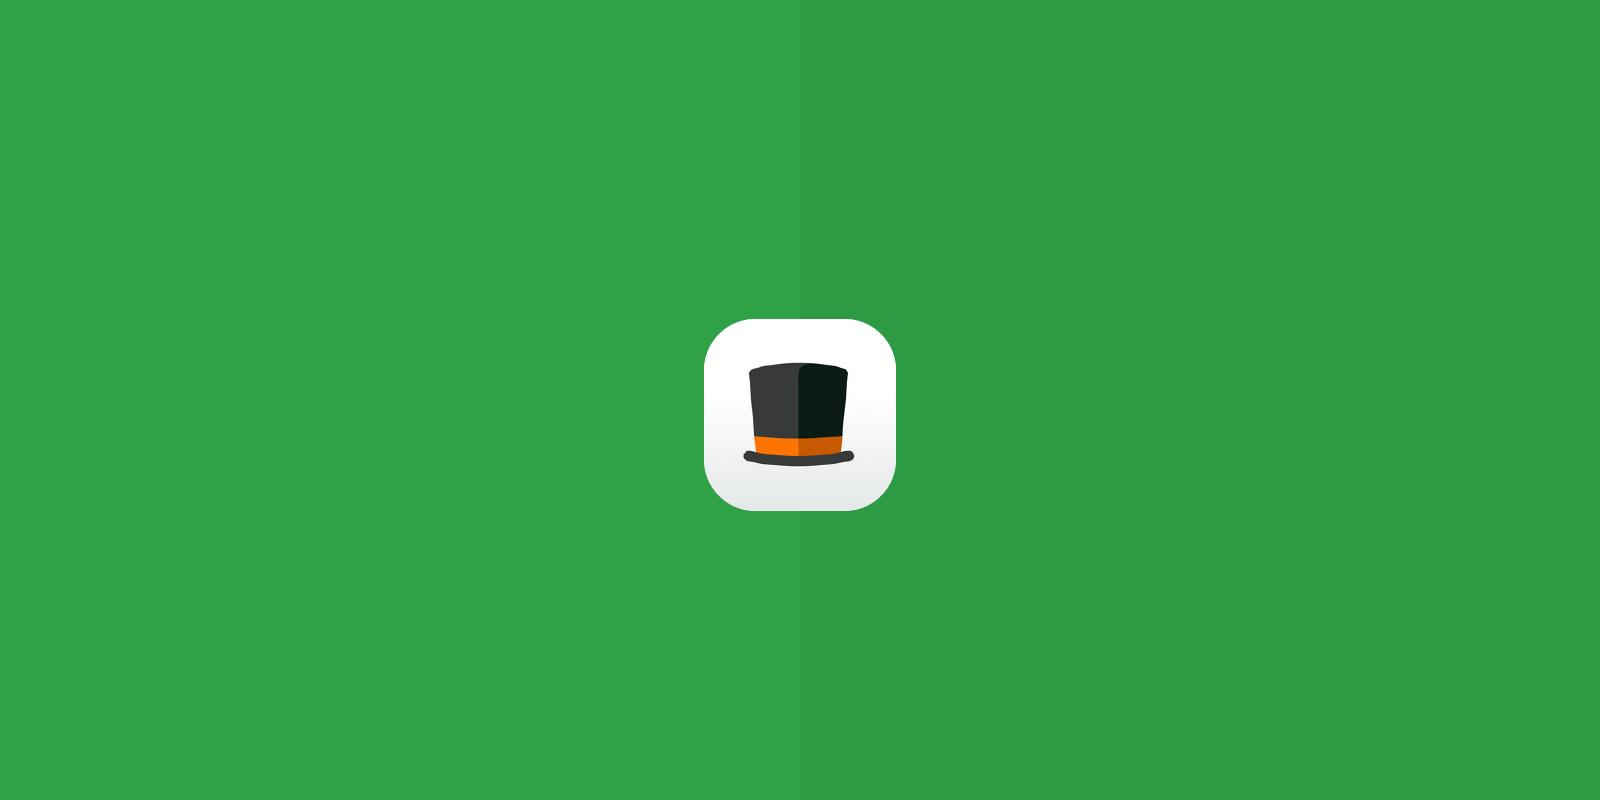 Des1gnON - Processo de Redesign de um App - UX UI Design